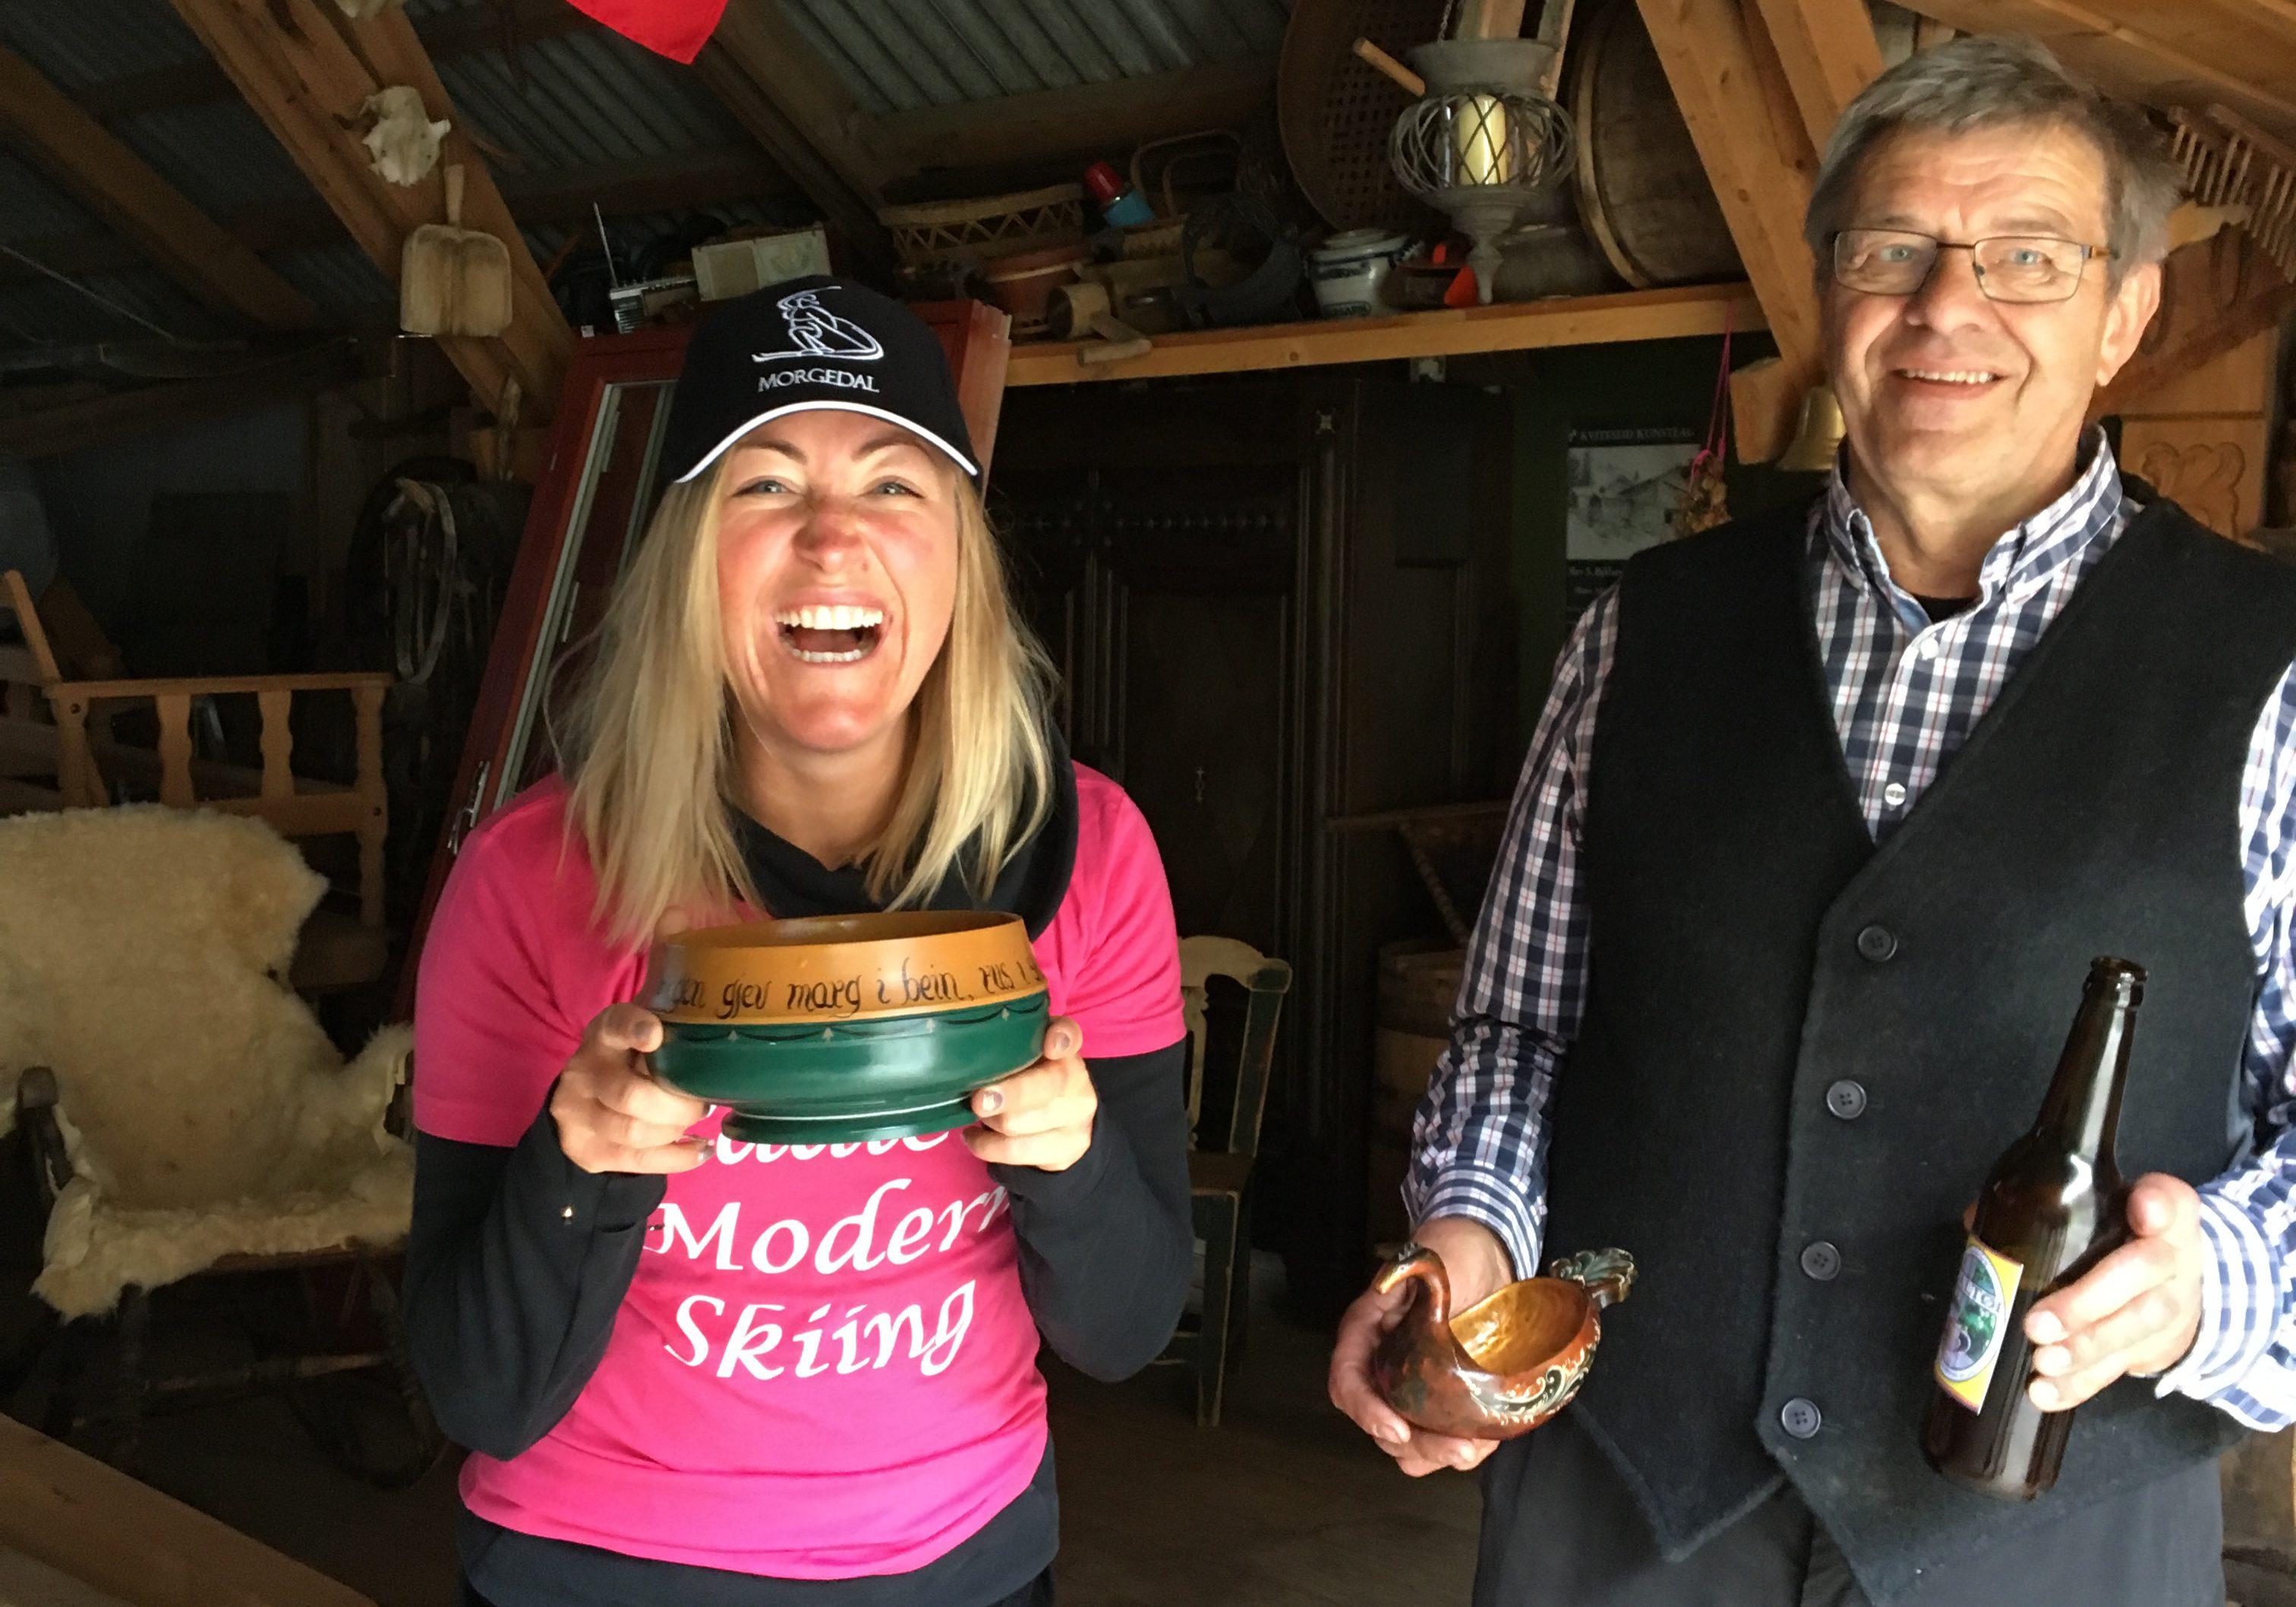 På vei til Sondre Norheims stue traff jeg bonde Aslak, som ba meg på hjemmebrygget øl.